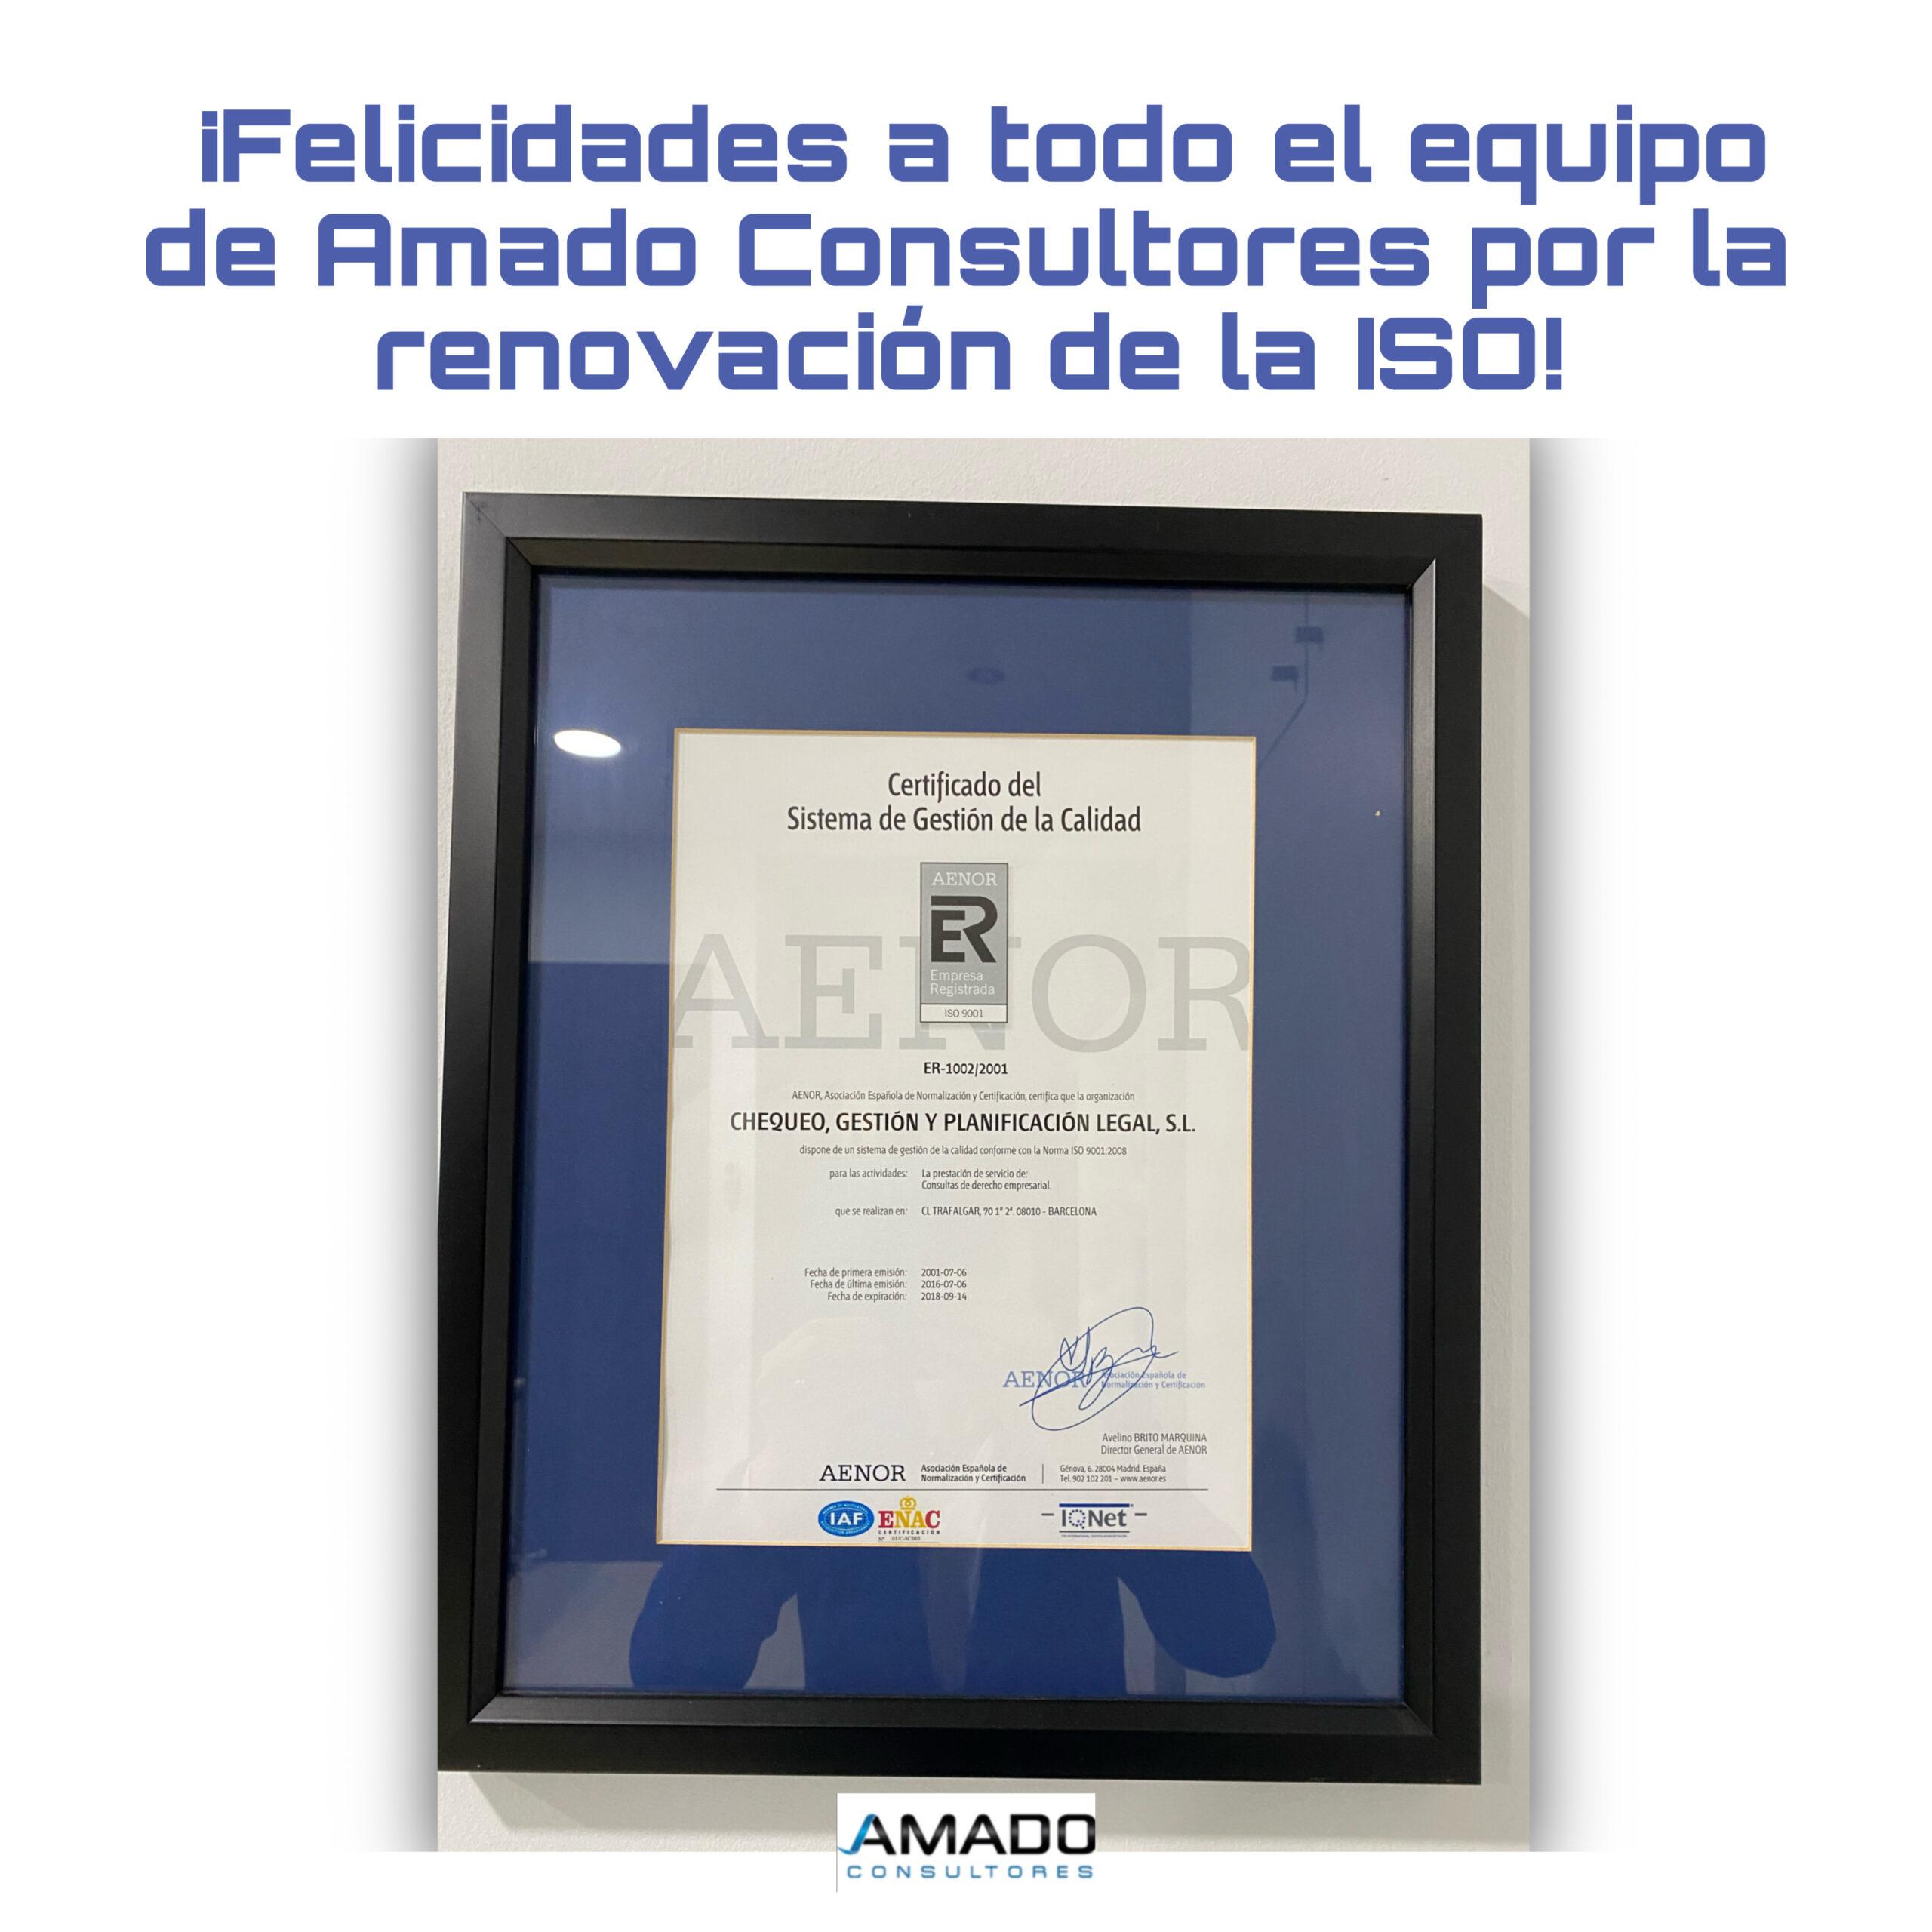 Amado Consultores renueva el certificado ISO por 19ª vez